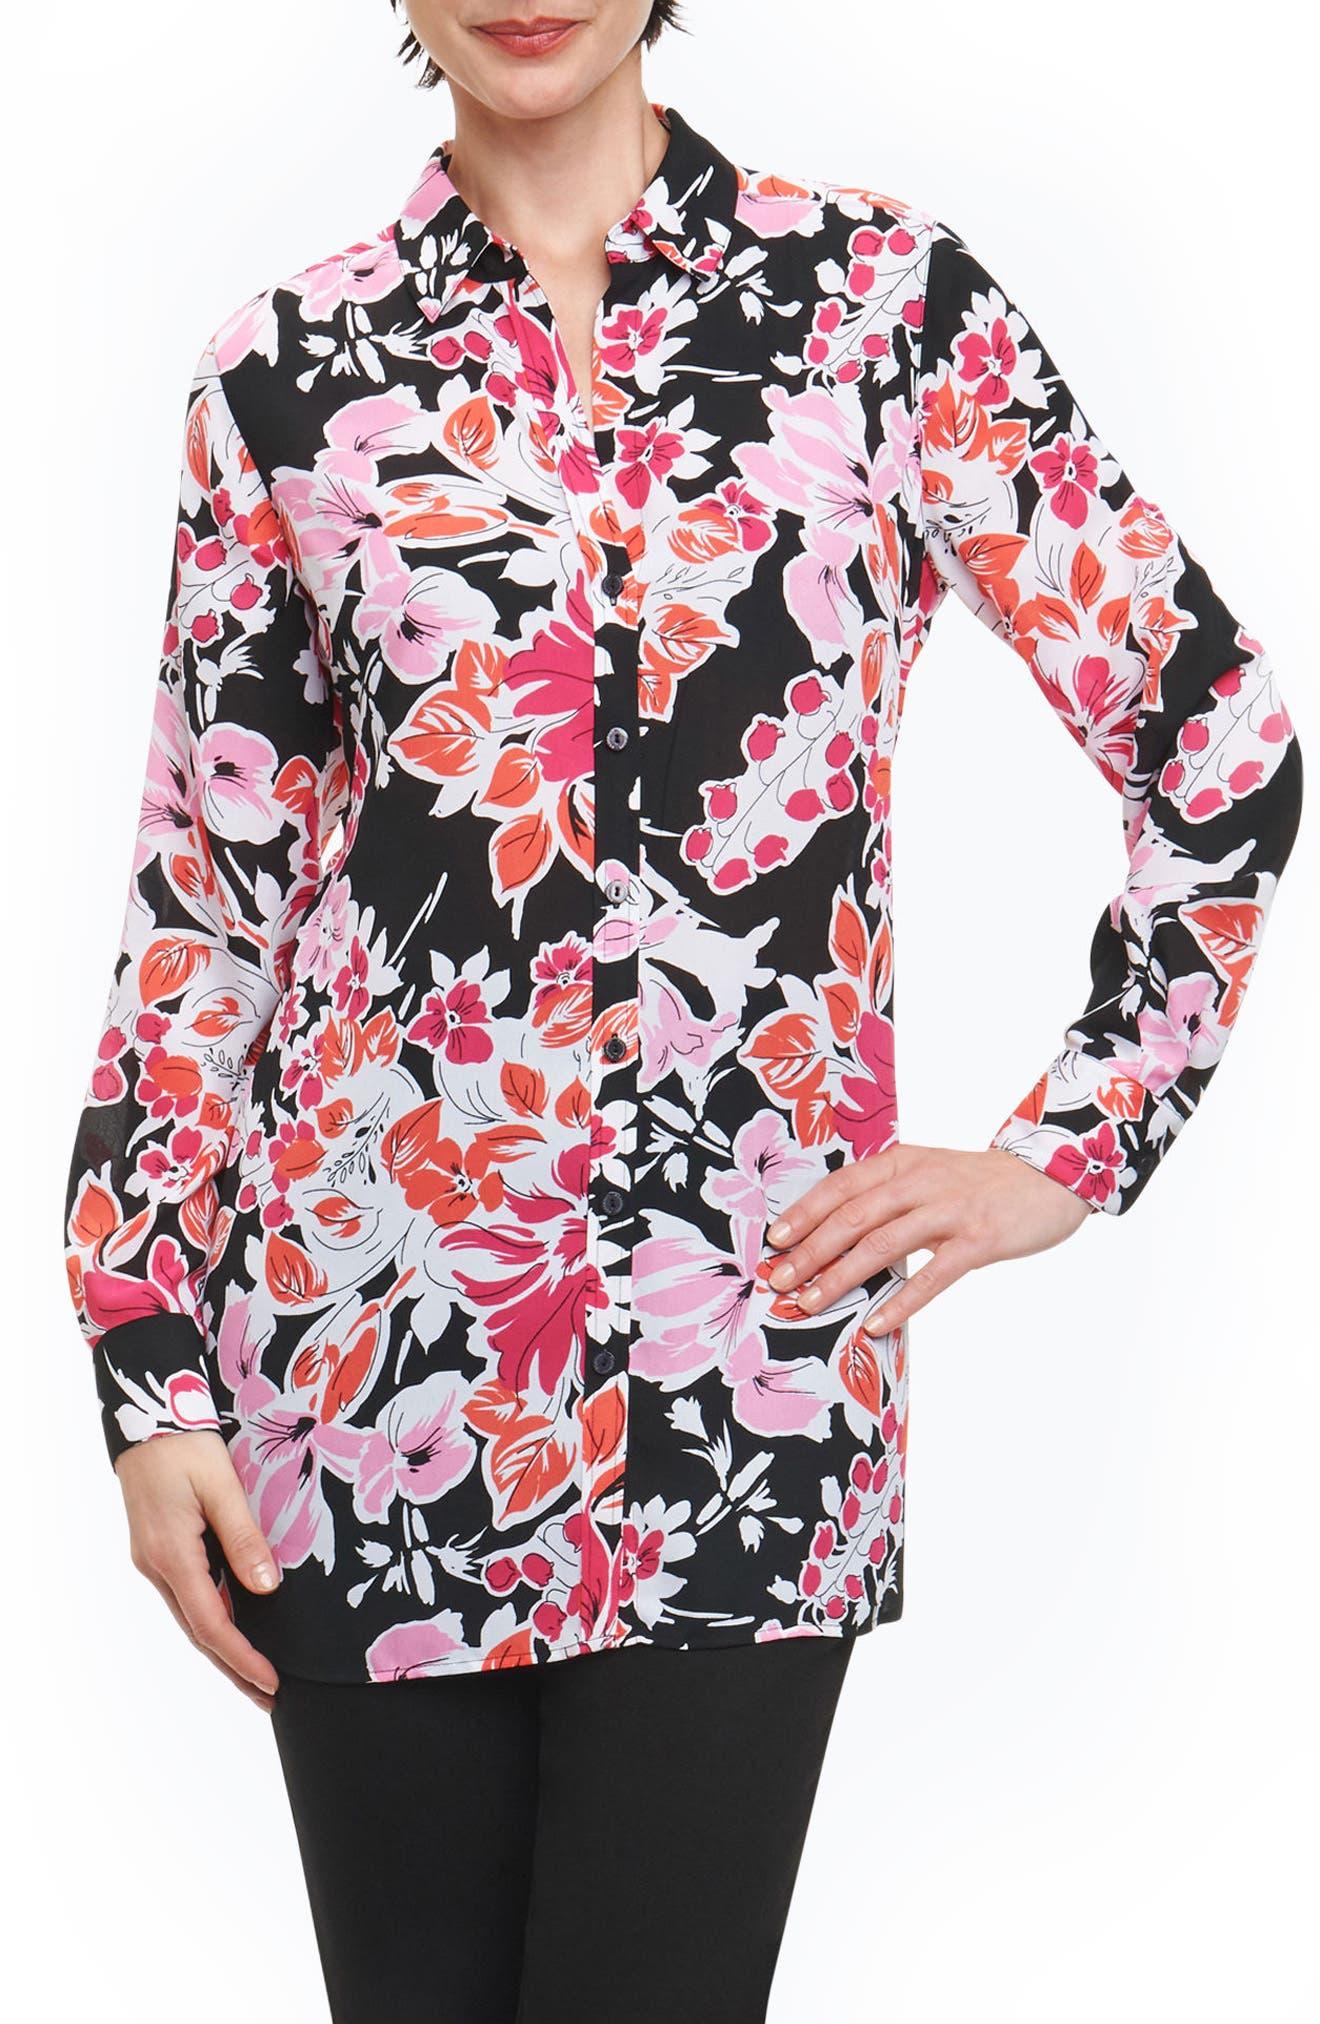 Jade Blooming Floral Tunic Shirt,                             Main thumbnail 1, color,                             003